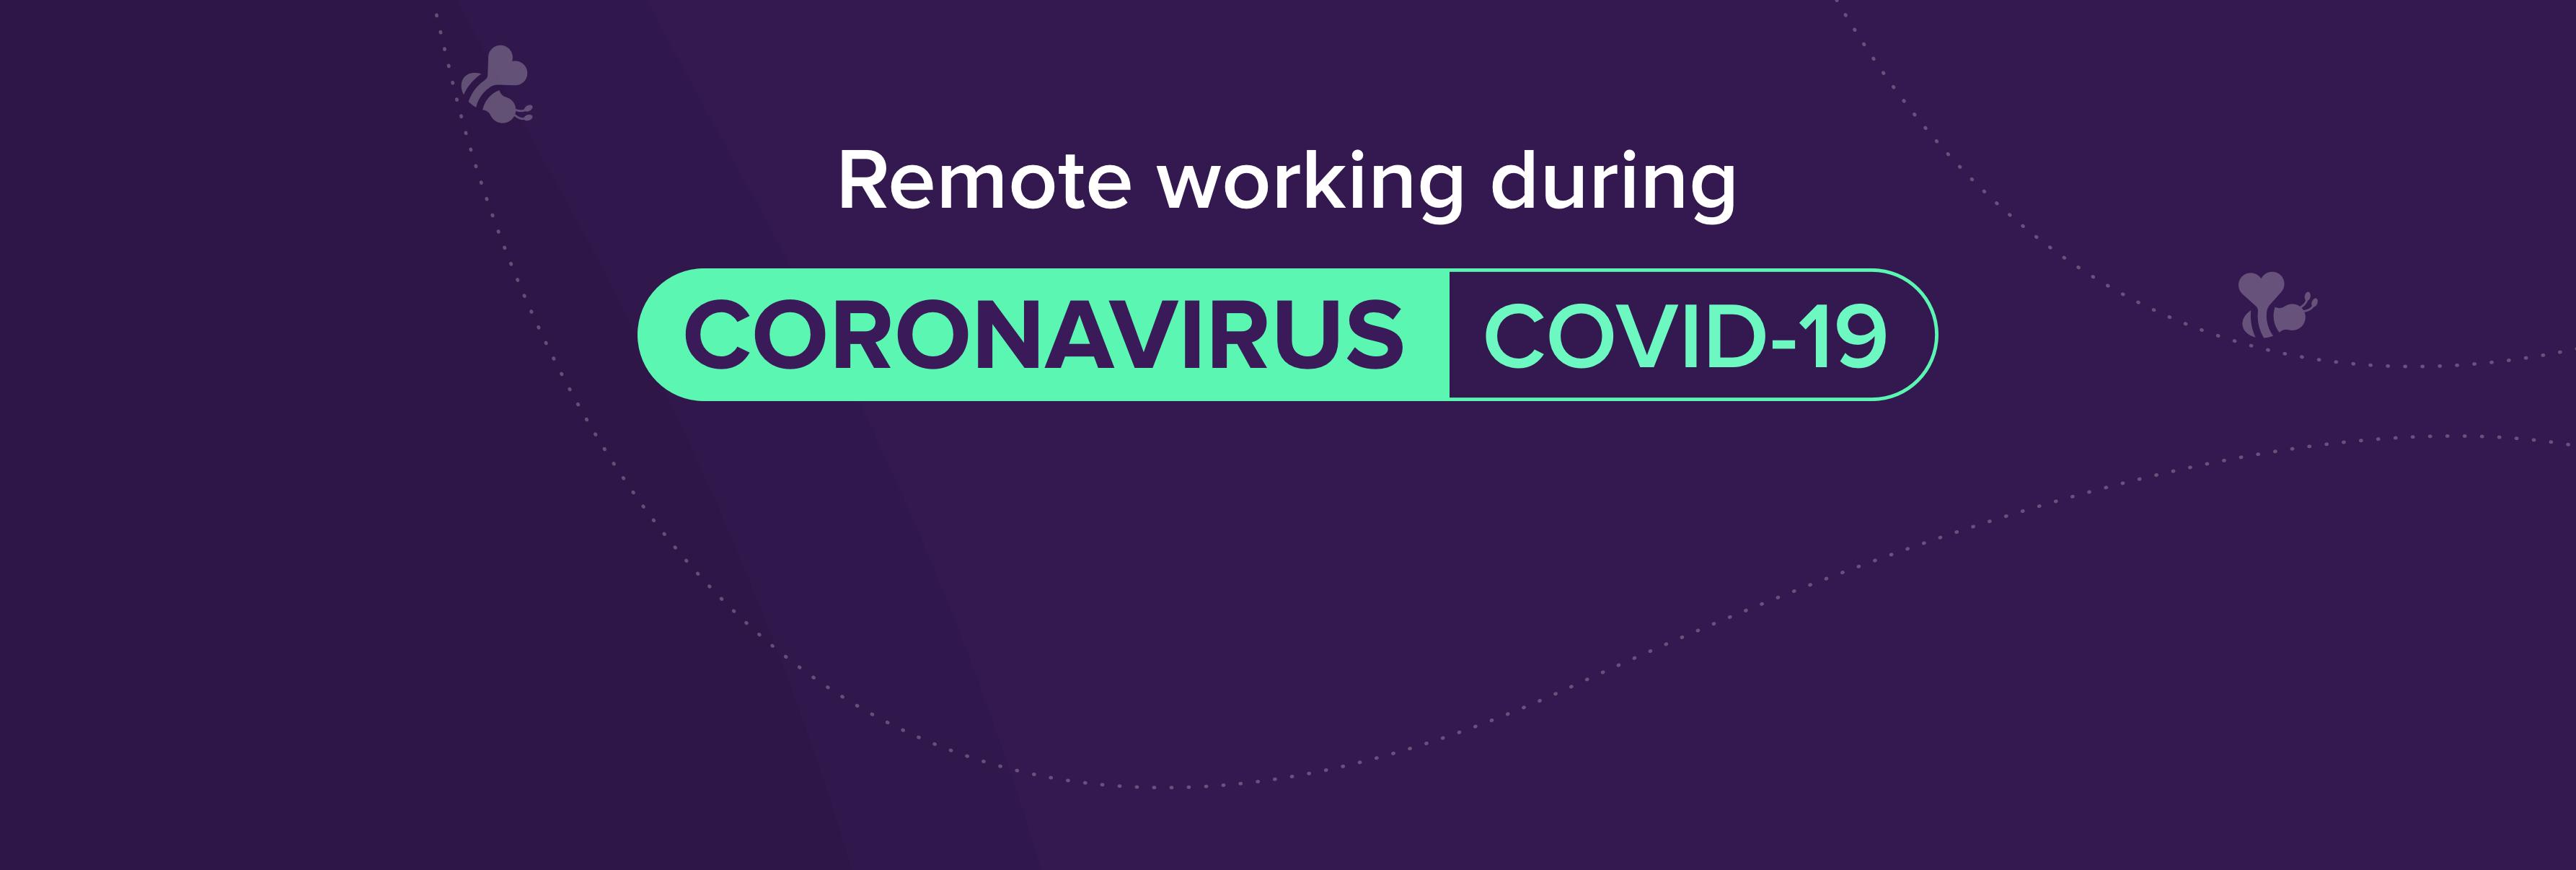 Remote Working During Coronavirus COVID-19